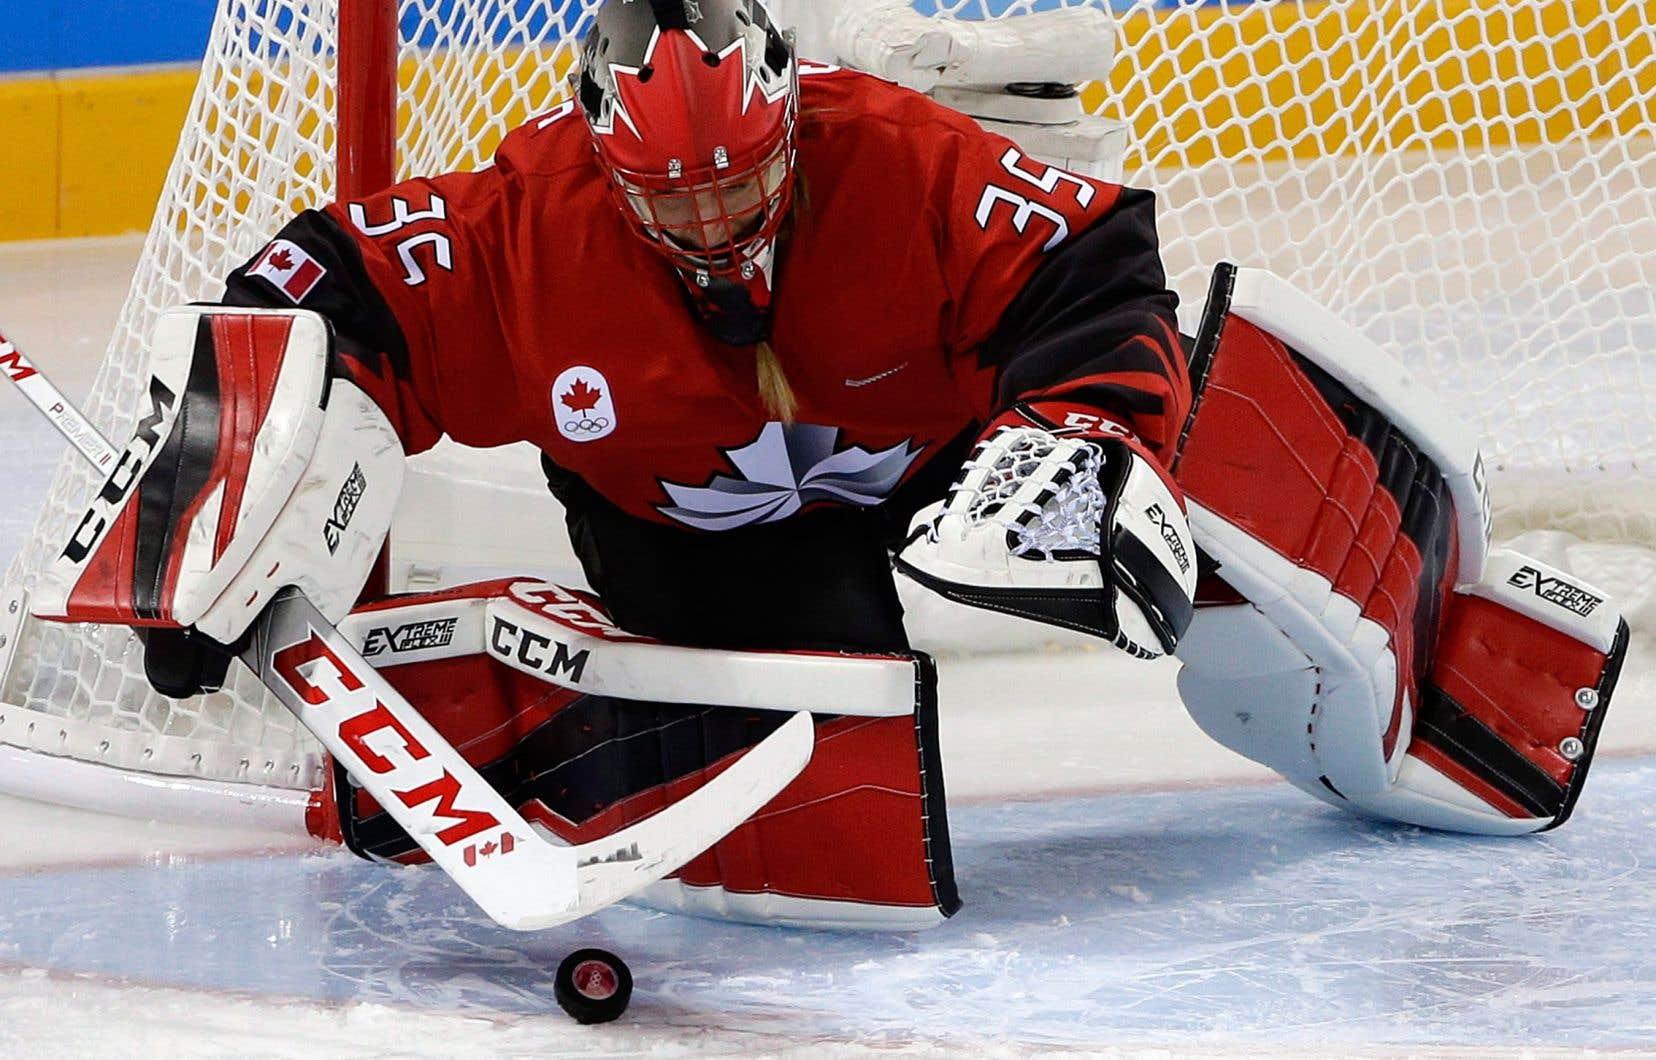 Hockey Canada a invité 35 joueuses, dont 5 Québécoises, à participer à un camp d'entraînement de sept jours à Halifax. En photo, la gardienne Ann-Renée Desbiens.